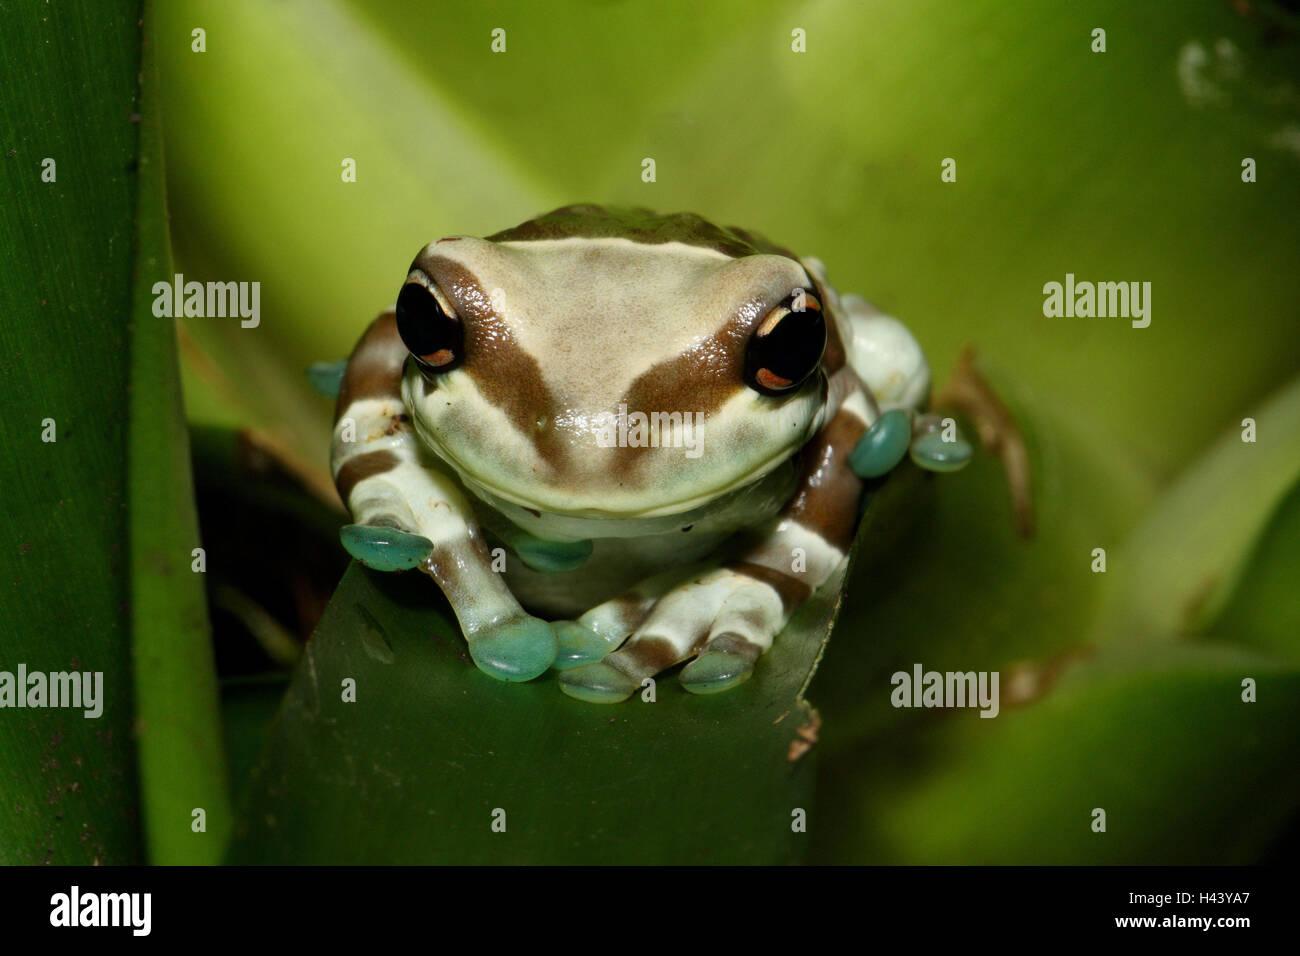 Frosch Kröte Laub, Blätter, Sit, Porträt, Gruben-Kröte Laub Laubfrosch, Frosch, Laub Frosch, Stockbild